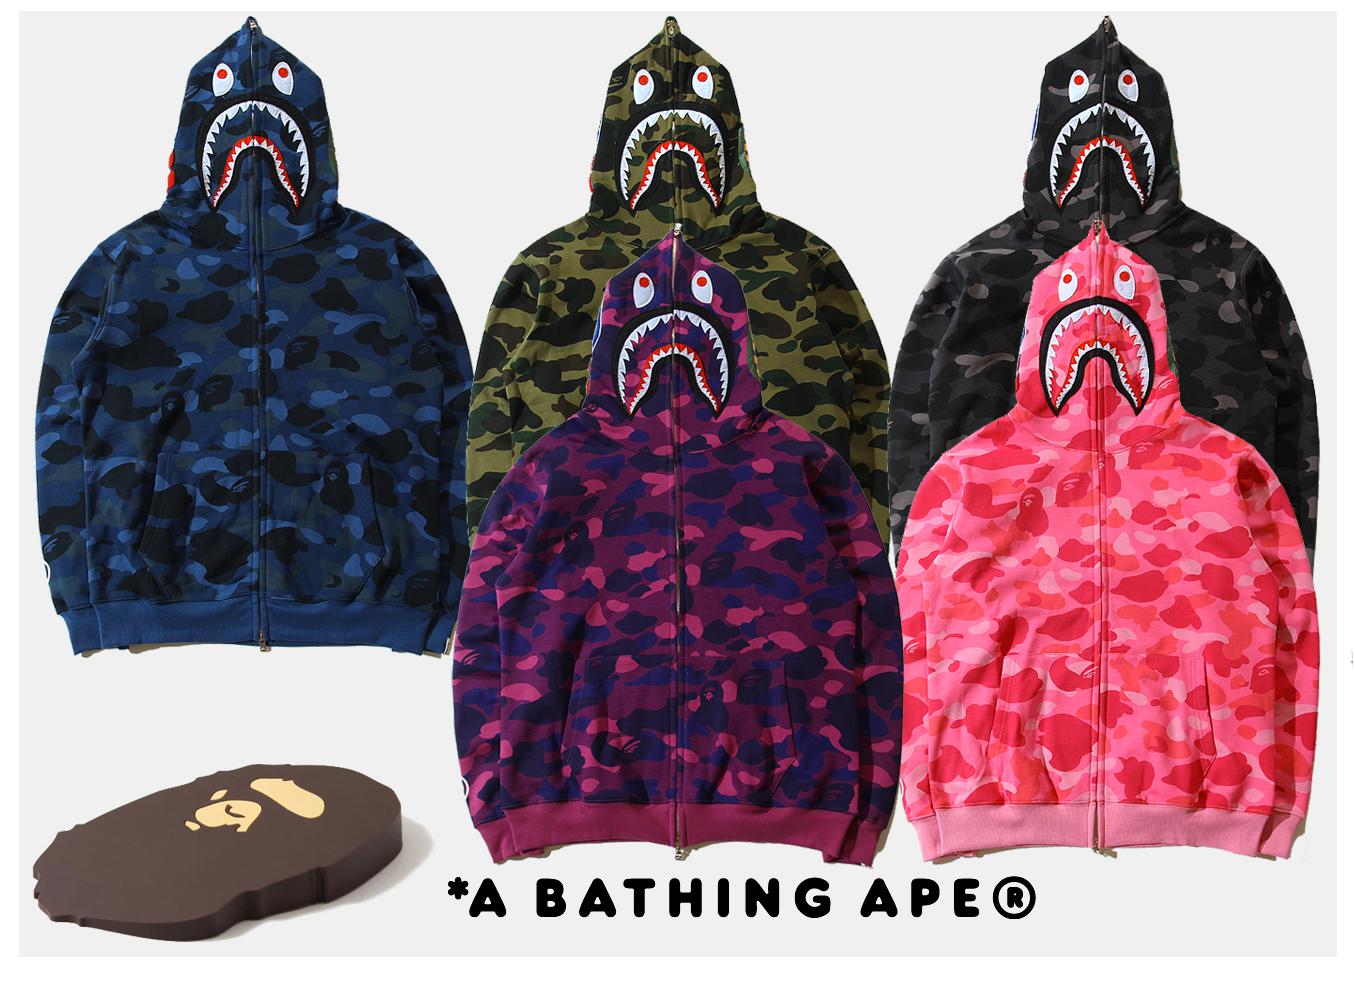 29bca56e Falection 17fw A Bathing APE BAPE WGM Shark Hooded Camo Sweatshirt Jacket  Item NO: 77299